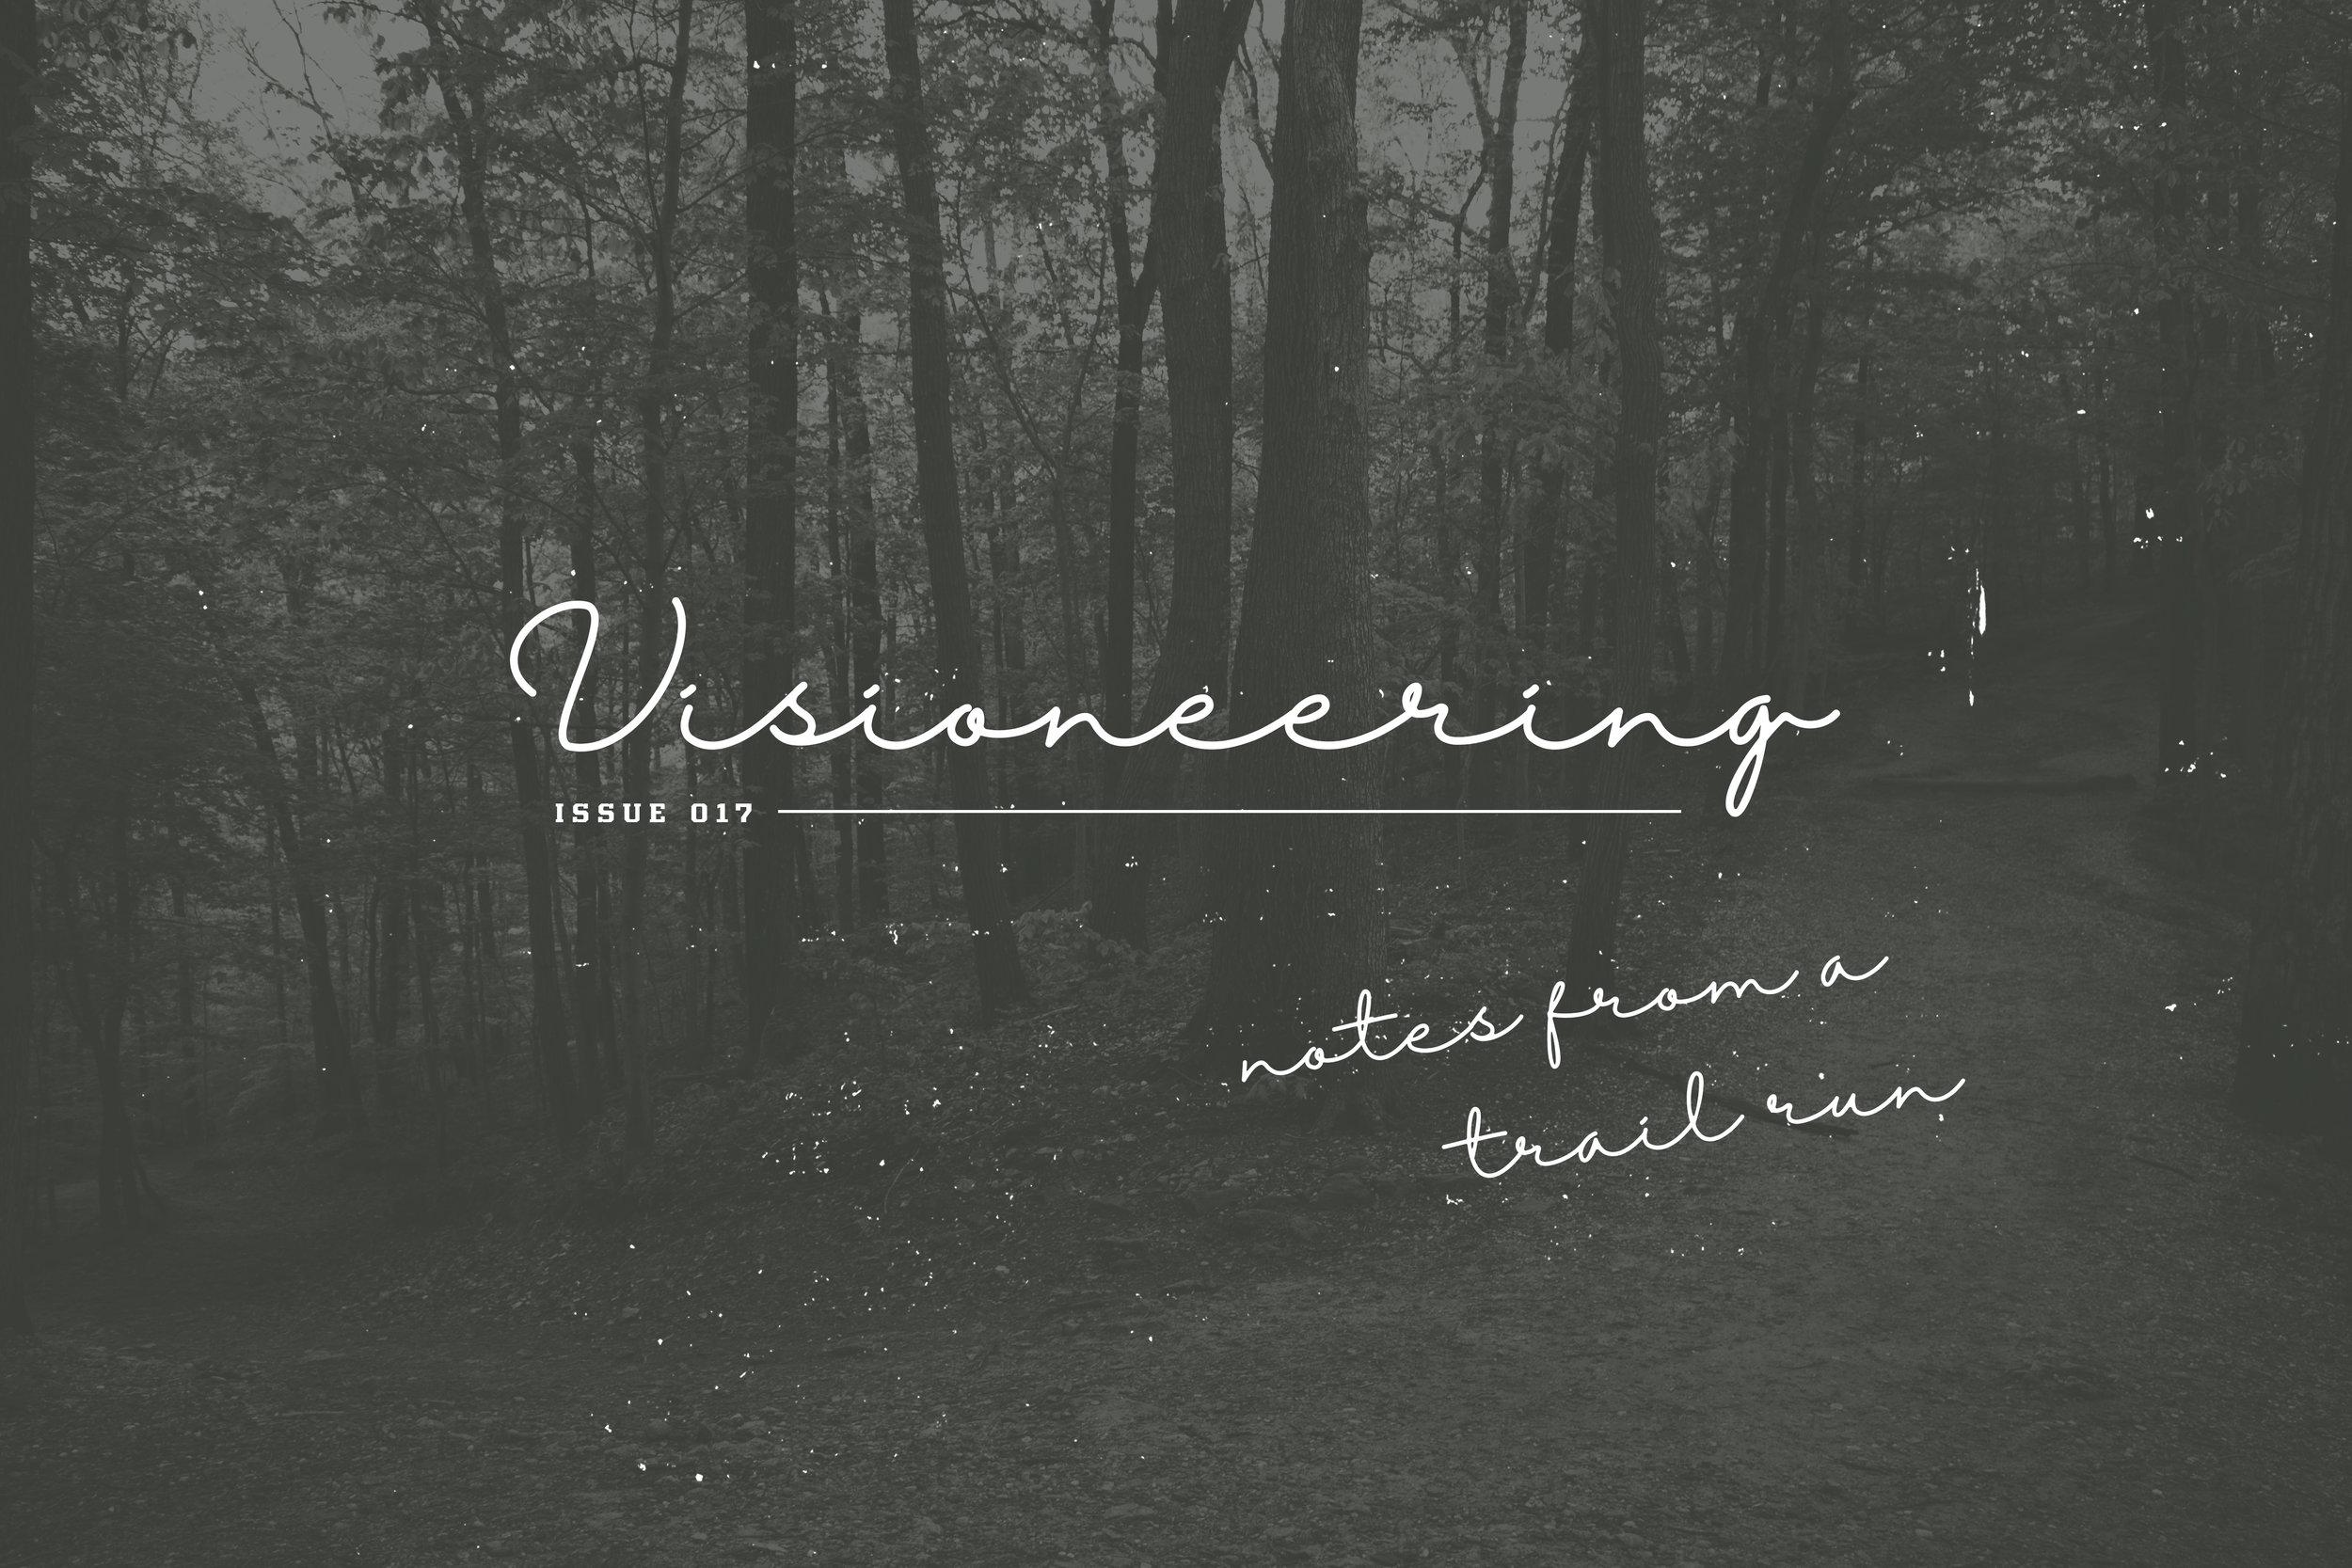 Visioneering_Cover.jpg